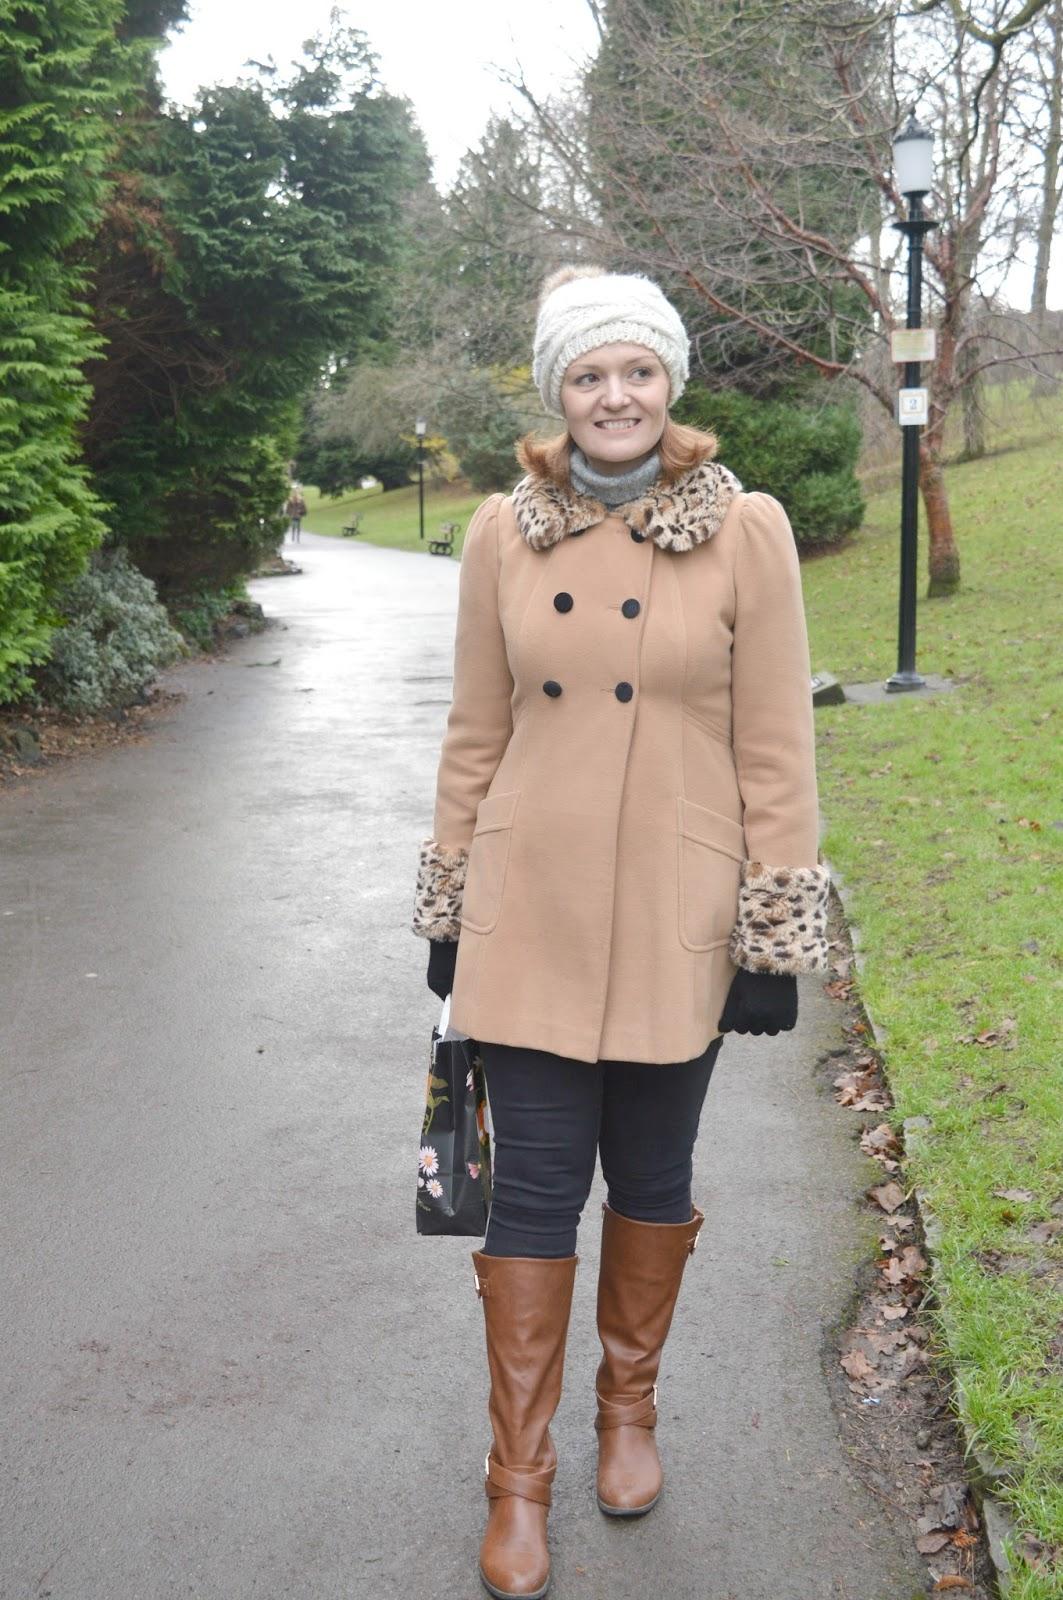 A Weekend in Harrogate - Valley Gardens